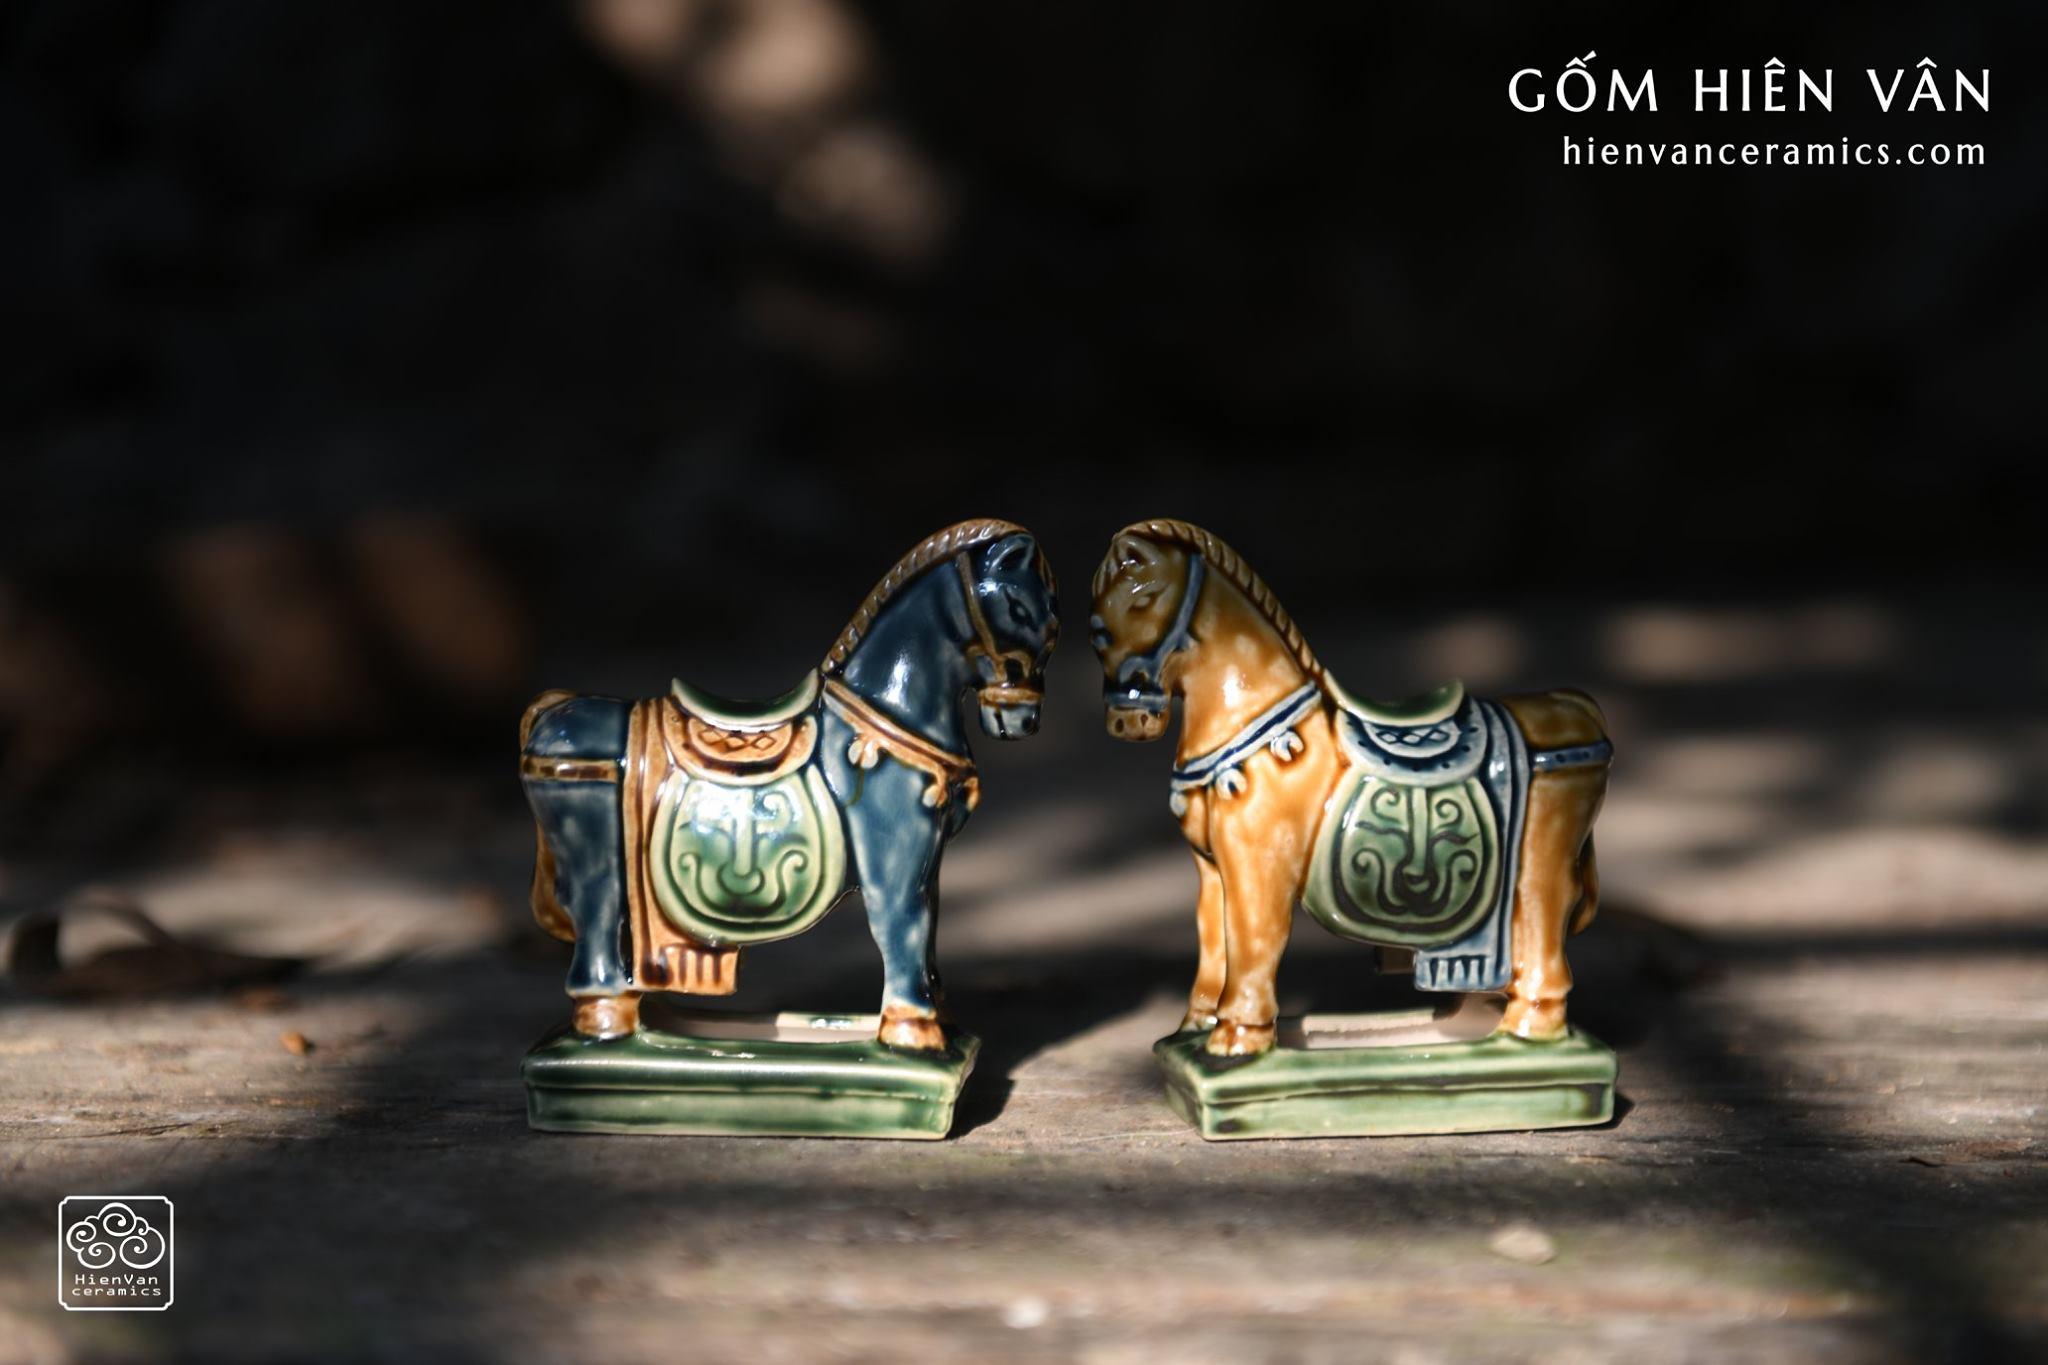 ngua-co-gom-hien-van-ceramics-sap-chang-sen